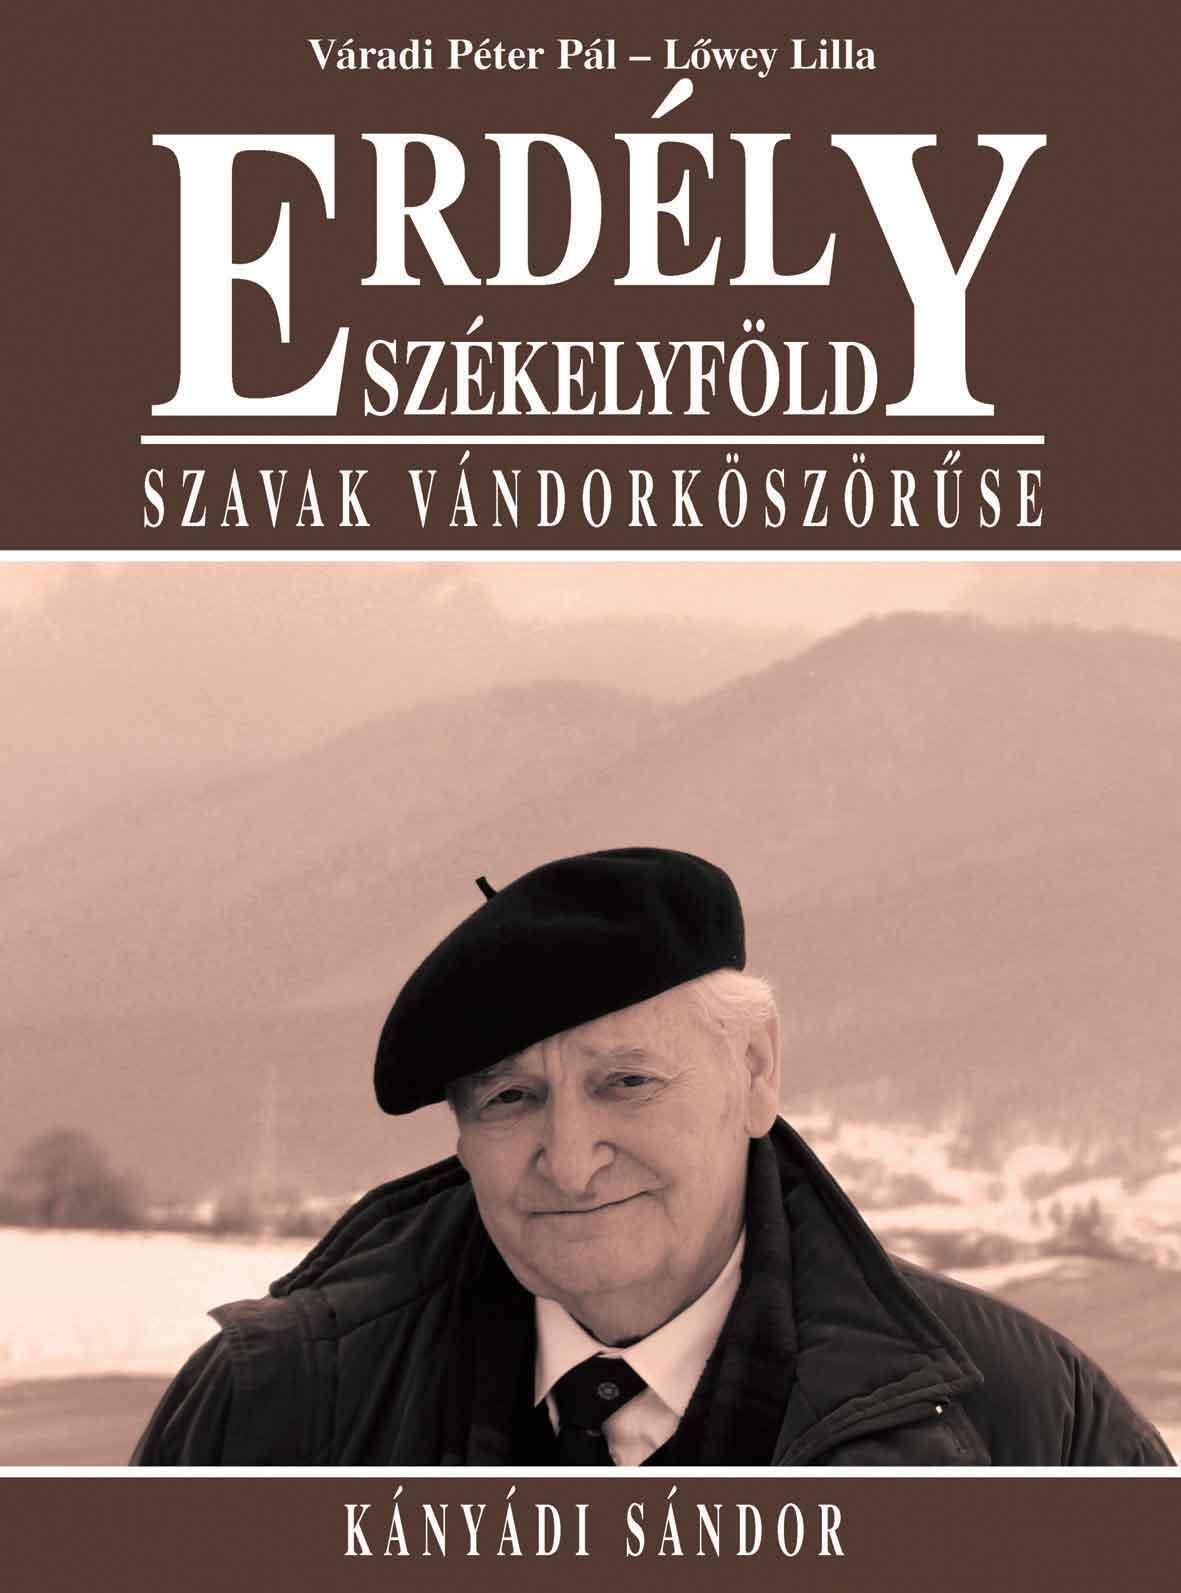 ERDÉLY - SZÉKELYFÖLD - SZAVAK VÁNDORKÖSZÖRÛSE - KÁNYÁDI SÁNDOR